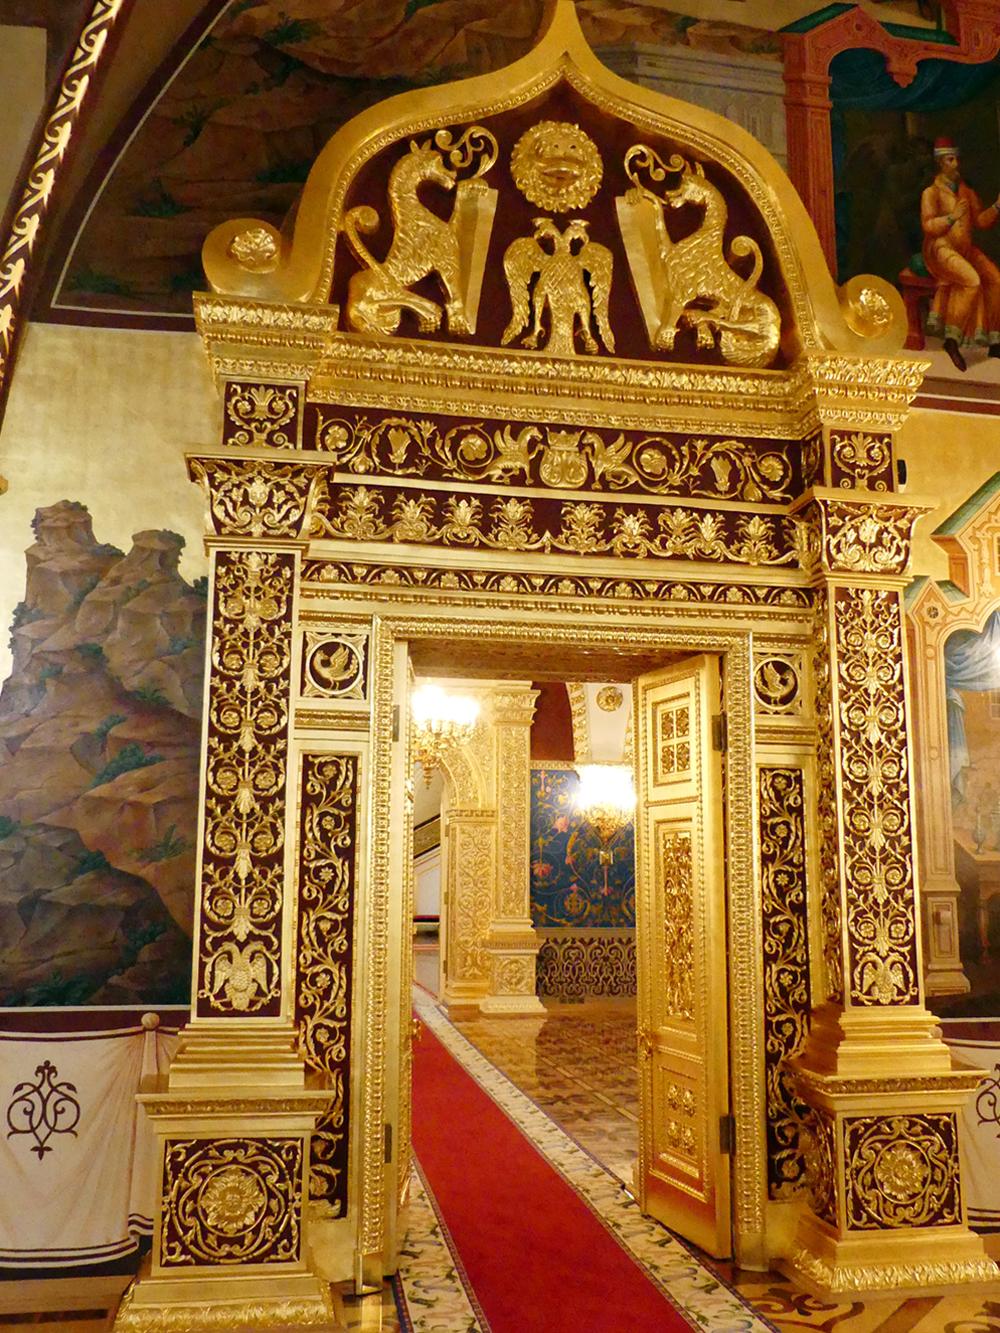 Os apartamentos privados dos últimos tsares se situam no piso térreo, atrás das janelas com vista para o rio. Ali há uma série de espaços em diferentes estilos.